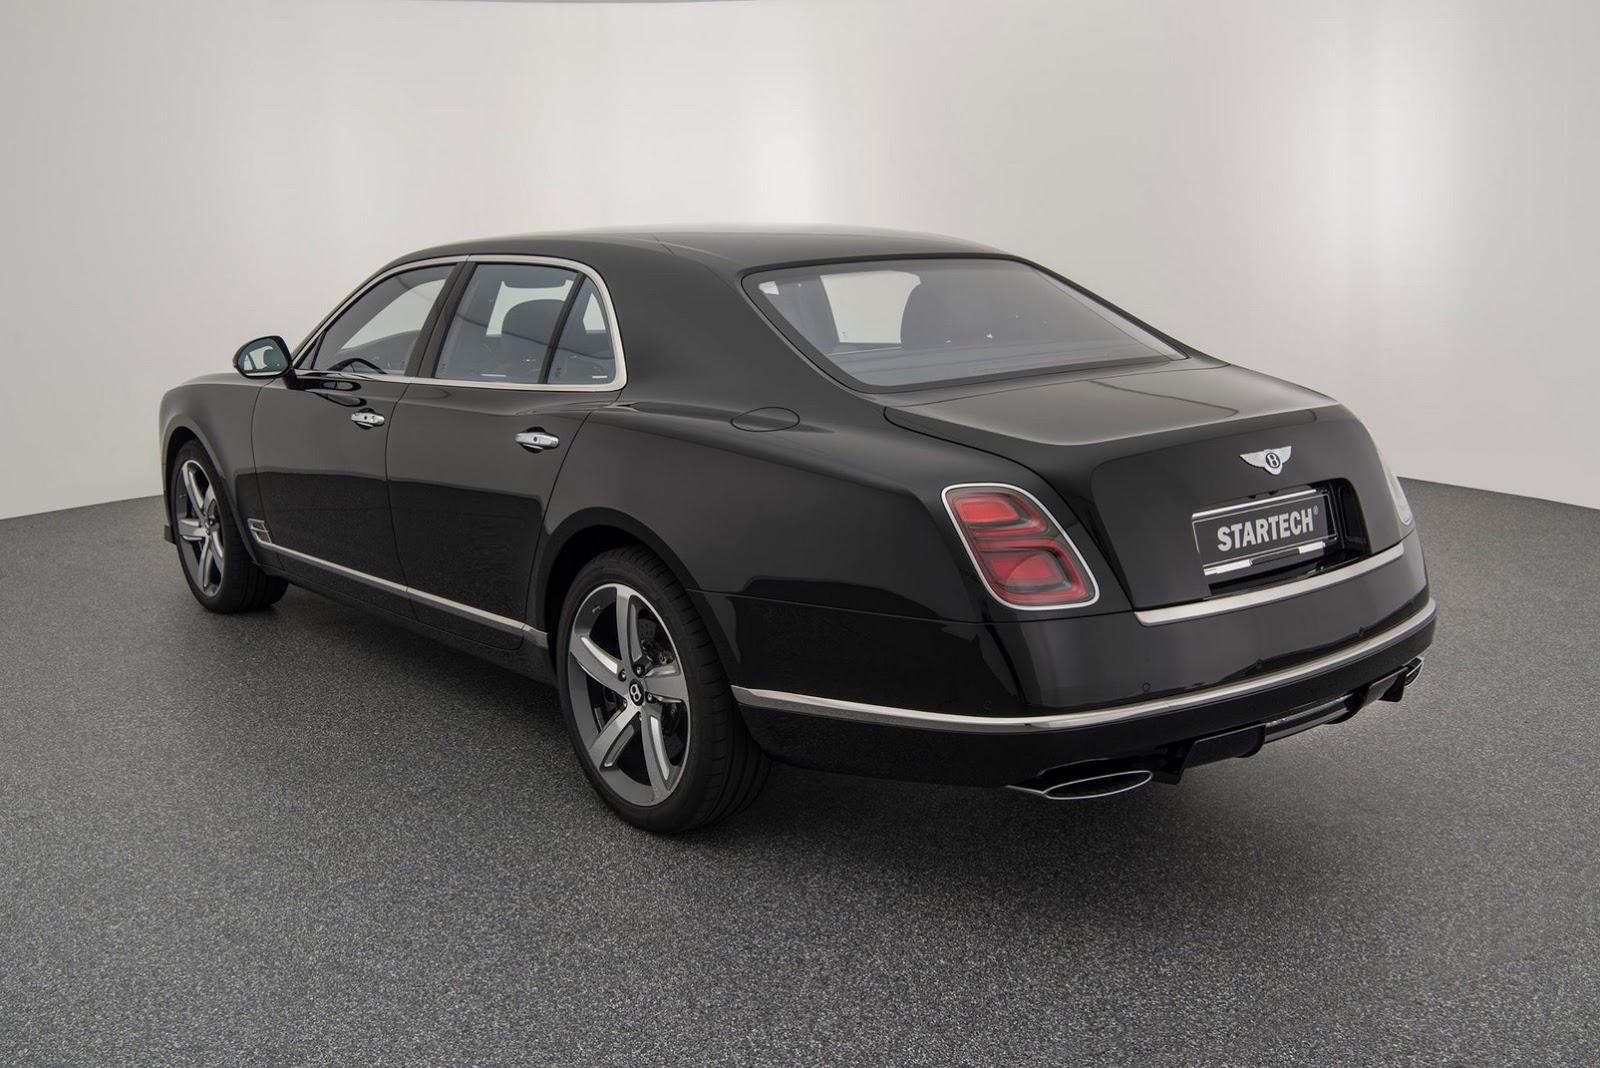 Bentley Mulsanne by Startech (2)